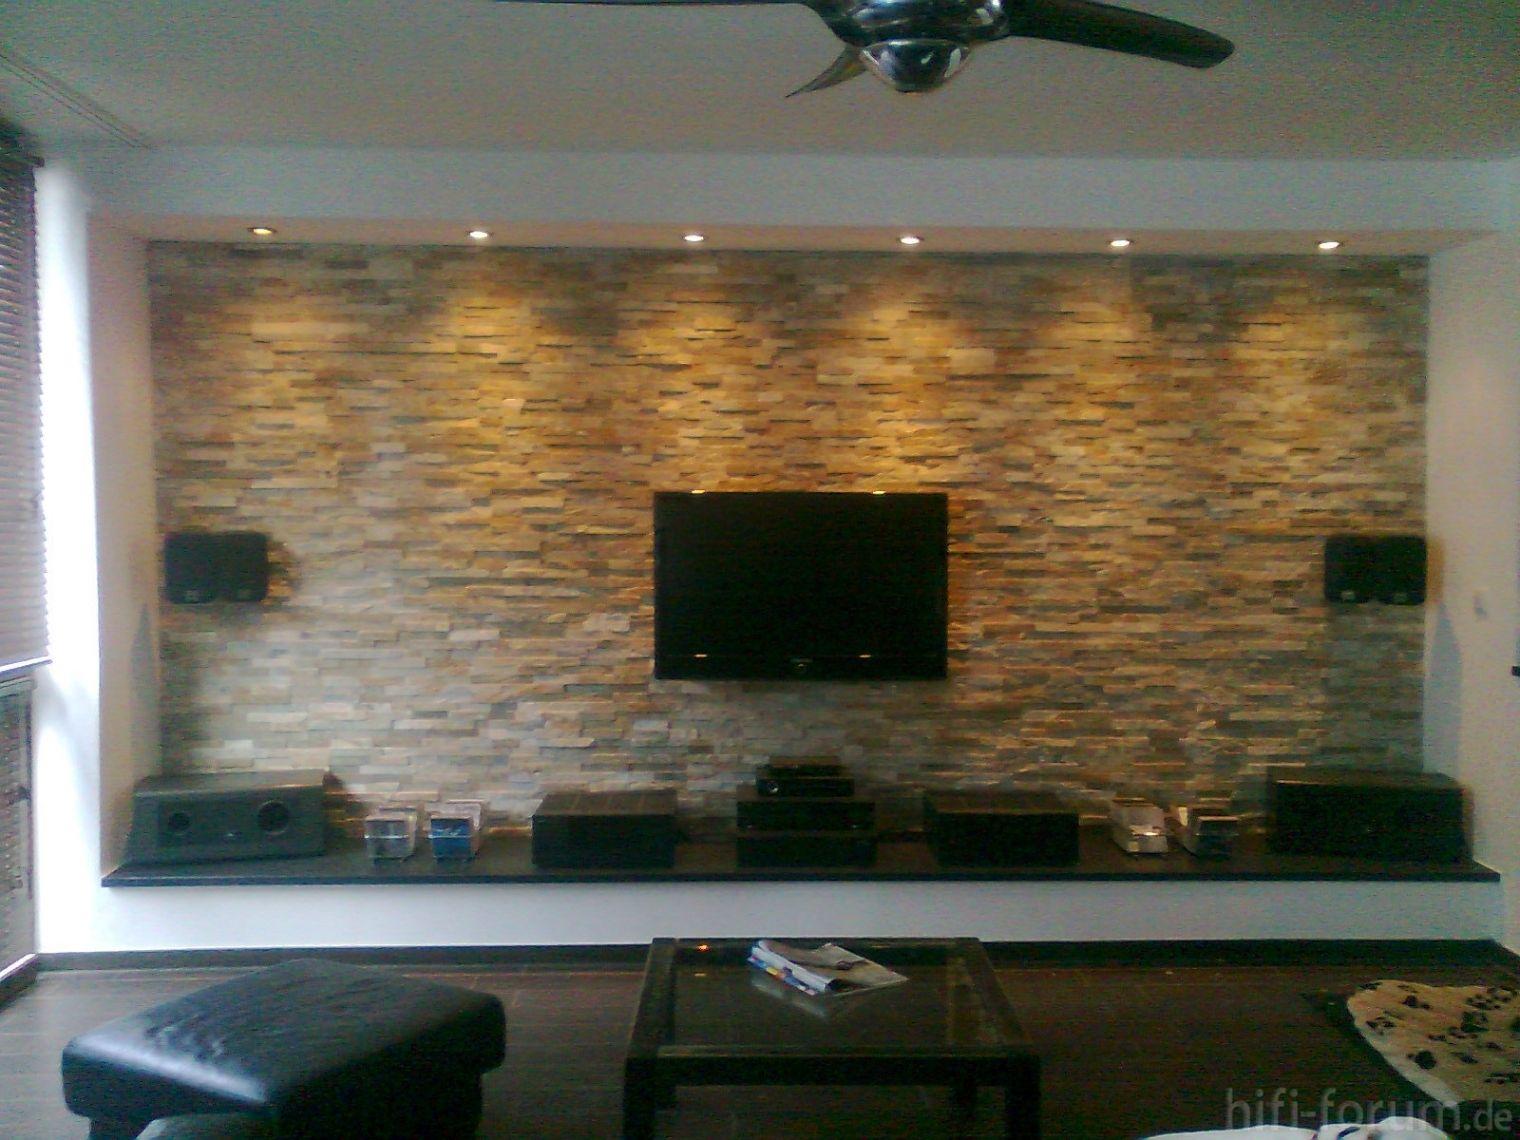 Klinker Wohnzimmer ~ Frisch wohnzimmer verblender homes pinterest verblender